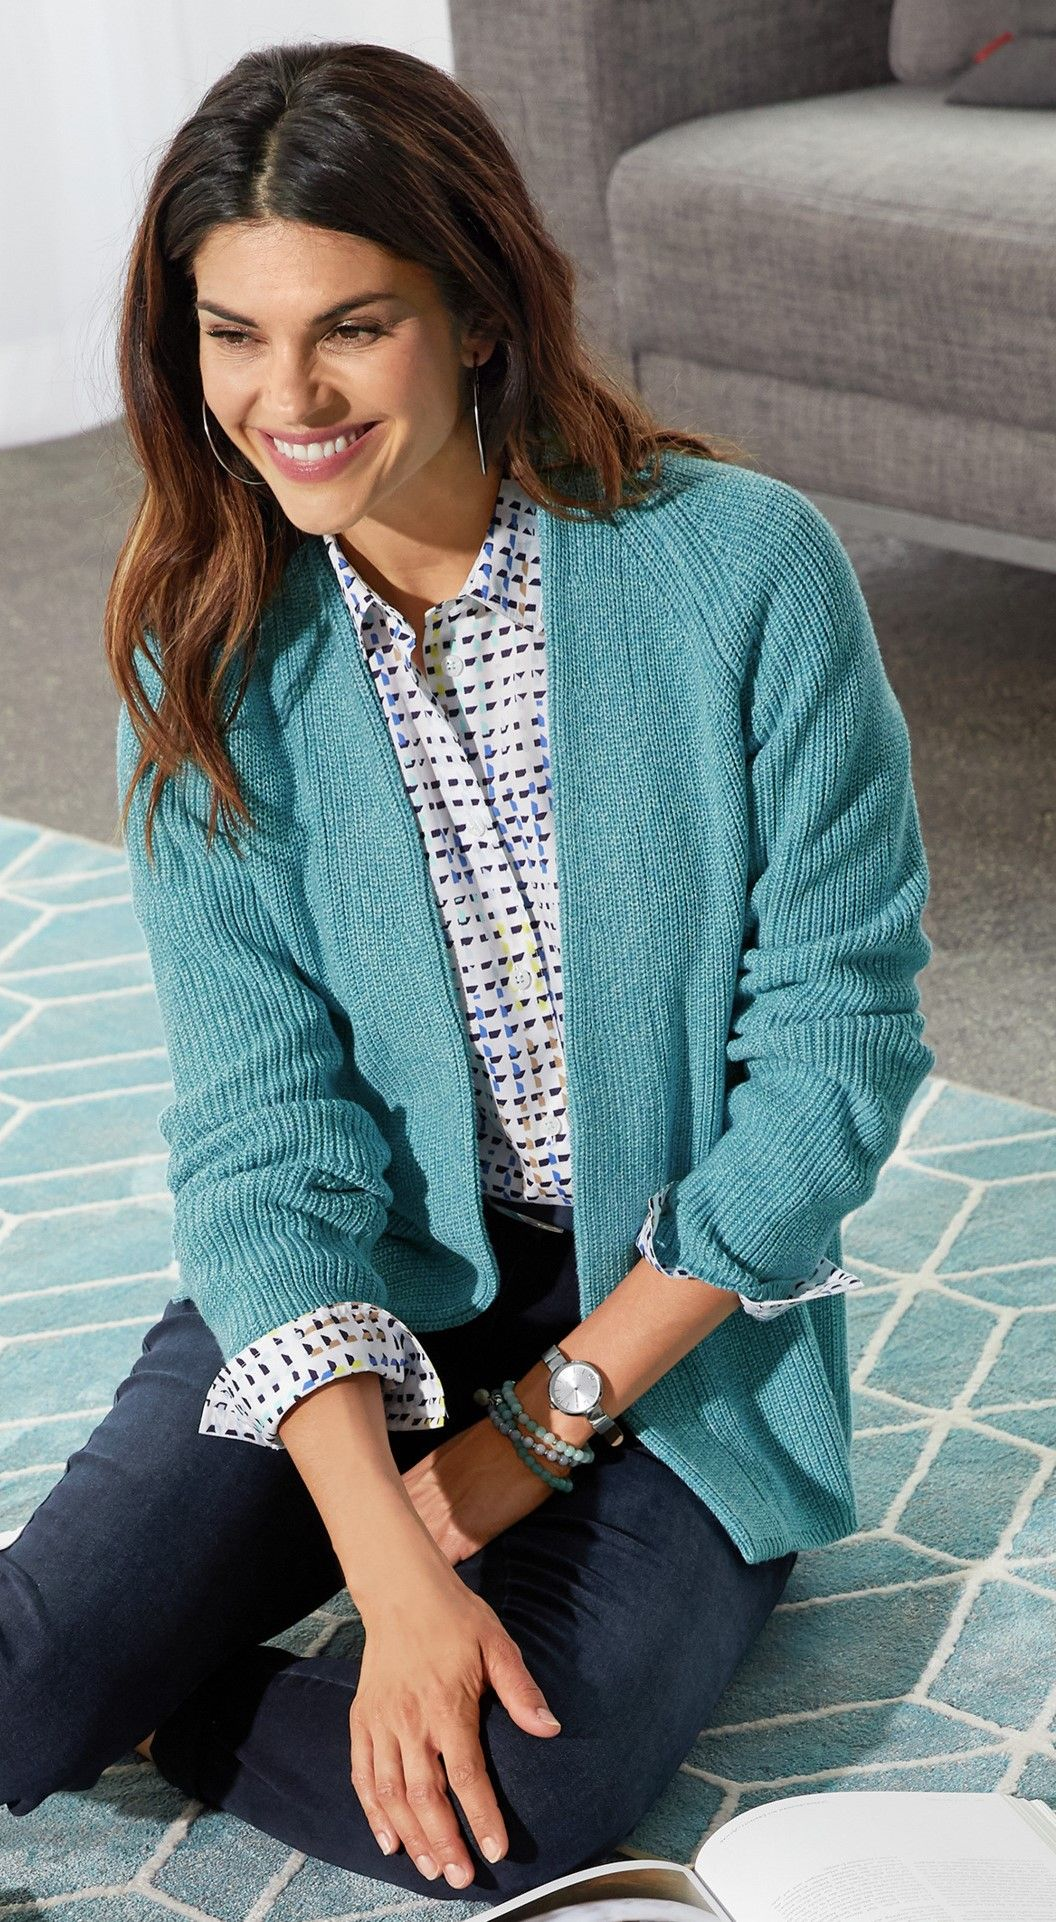 Damen Outfit Gemutliche Verstrickung In 2021 Outfit Modestil Walbusch